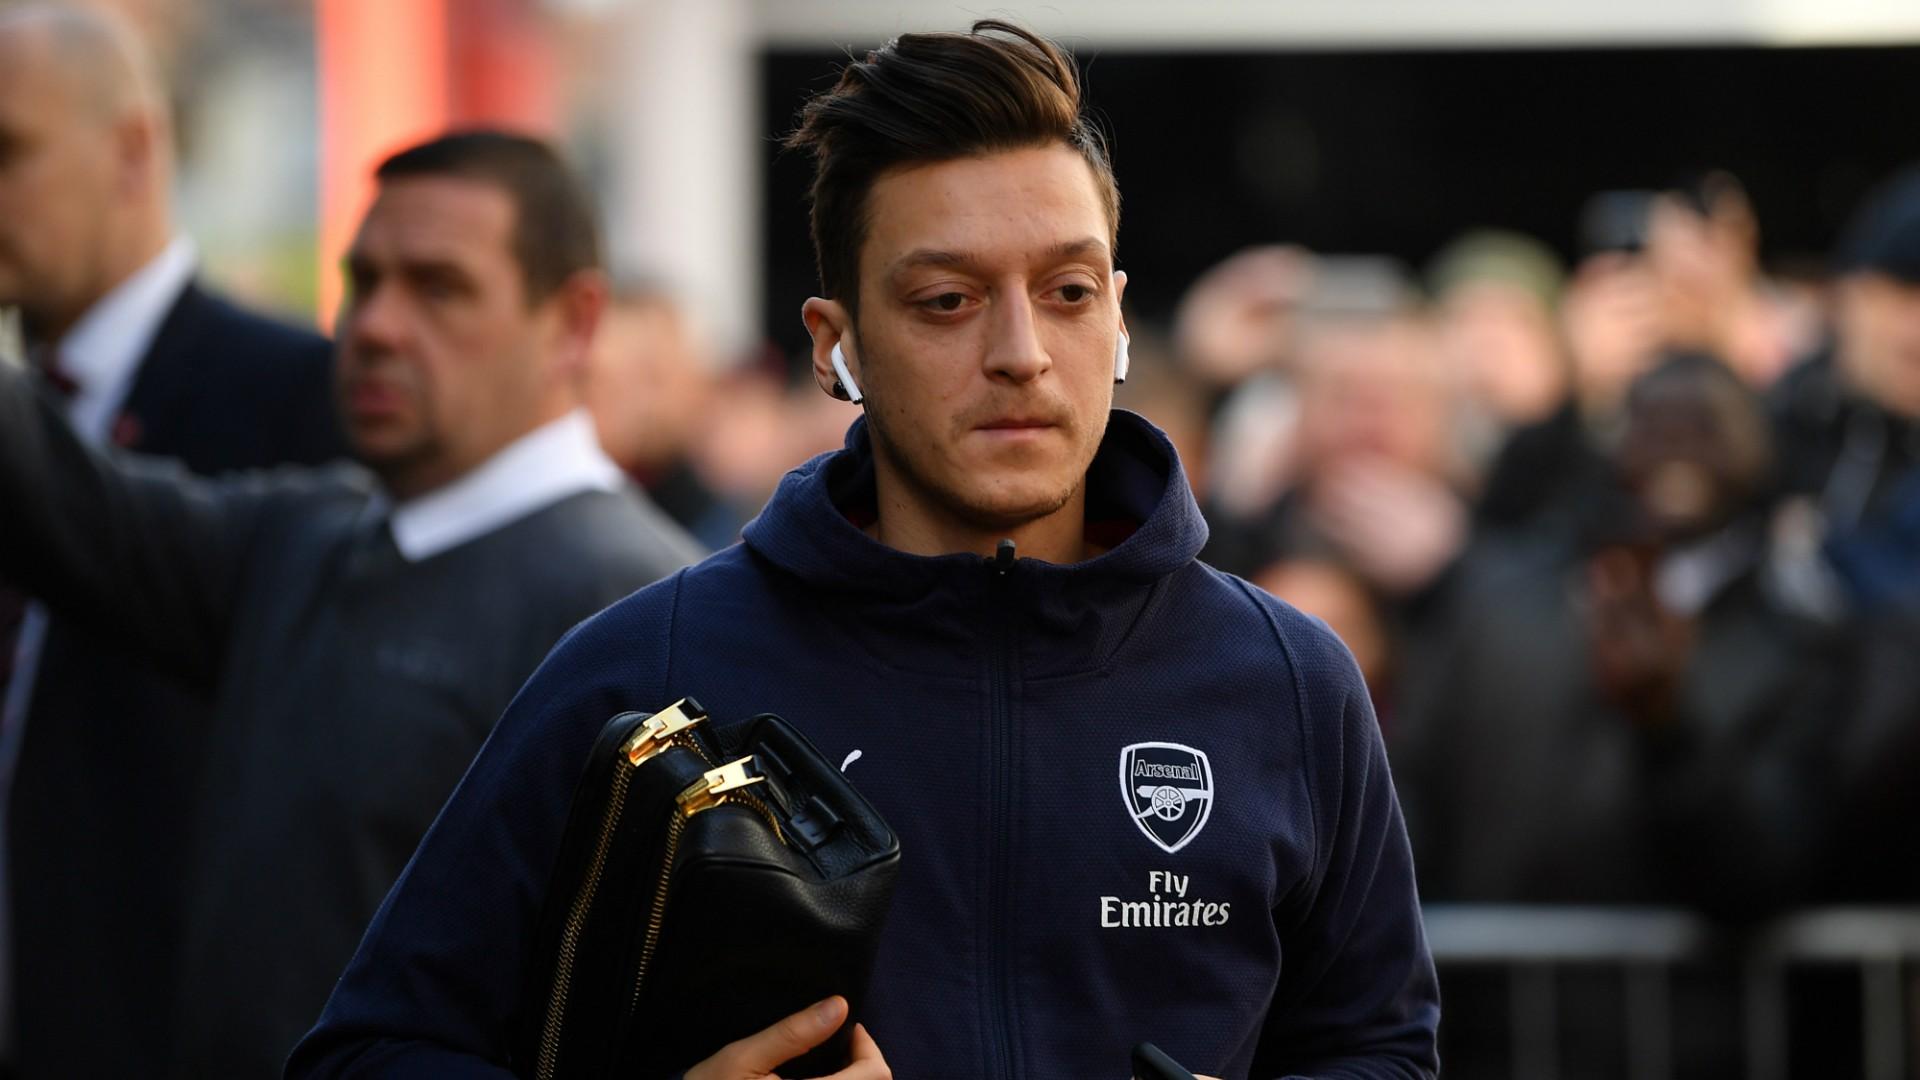 Thống kê chỉ ra Ozil hay Eriksen sẽ bùng nổ ở đại chiến Arsenal - Tottenham? - Ảnh 6.